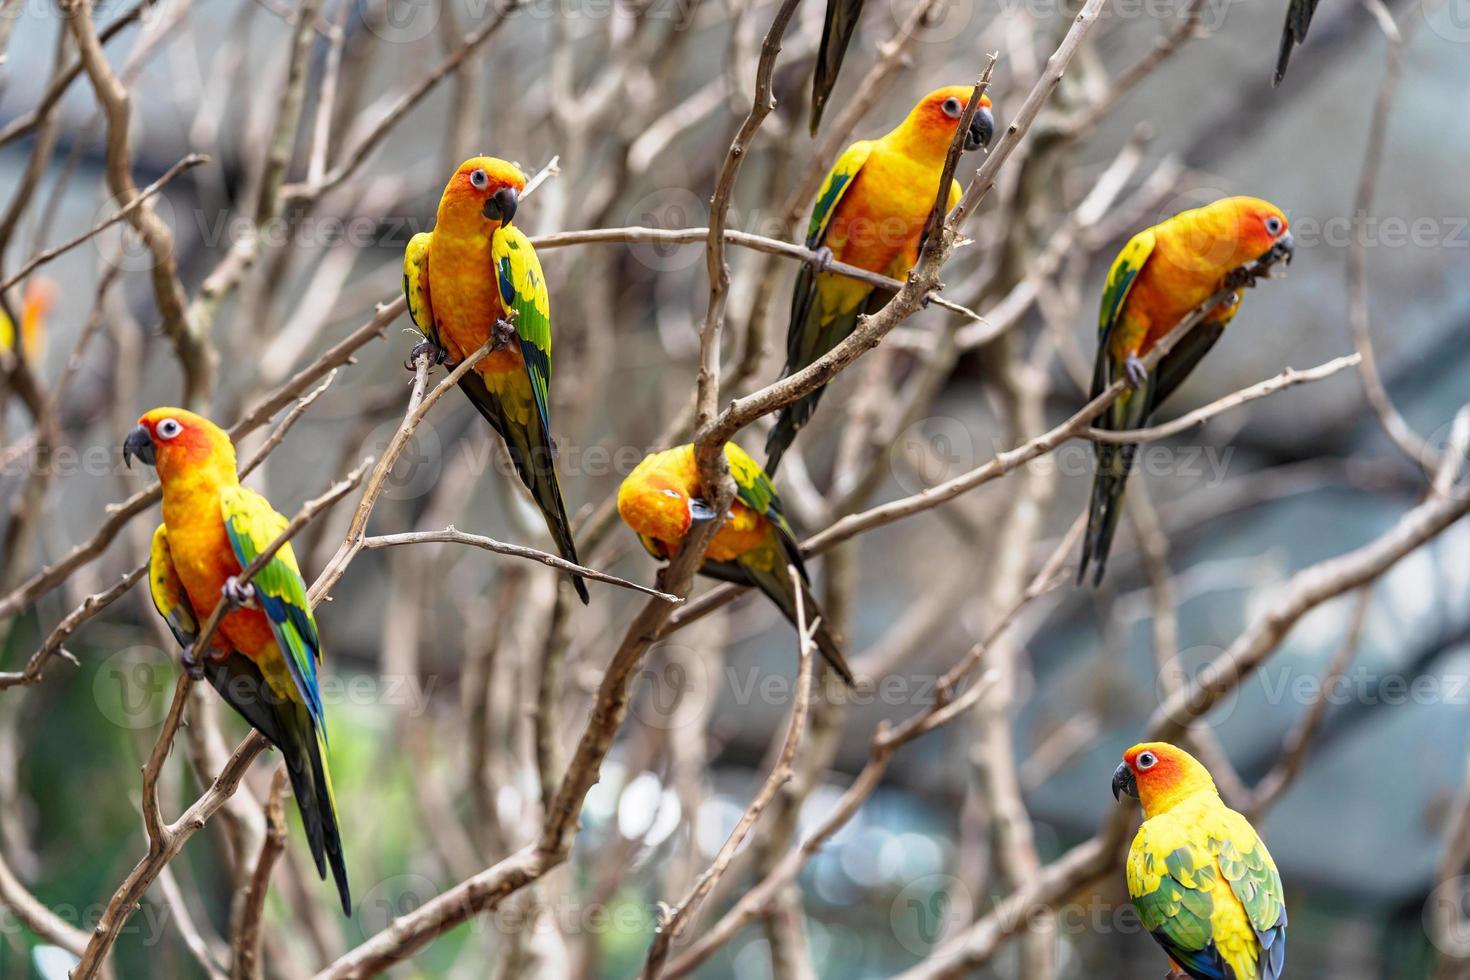 papagaios-do-sol coloridos em galhos de árvores foto